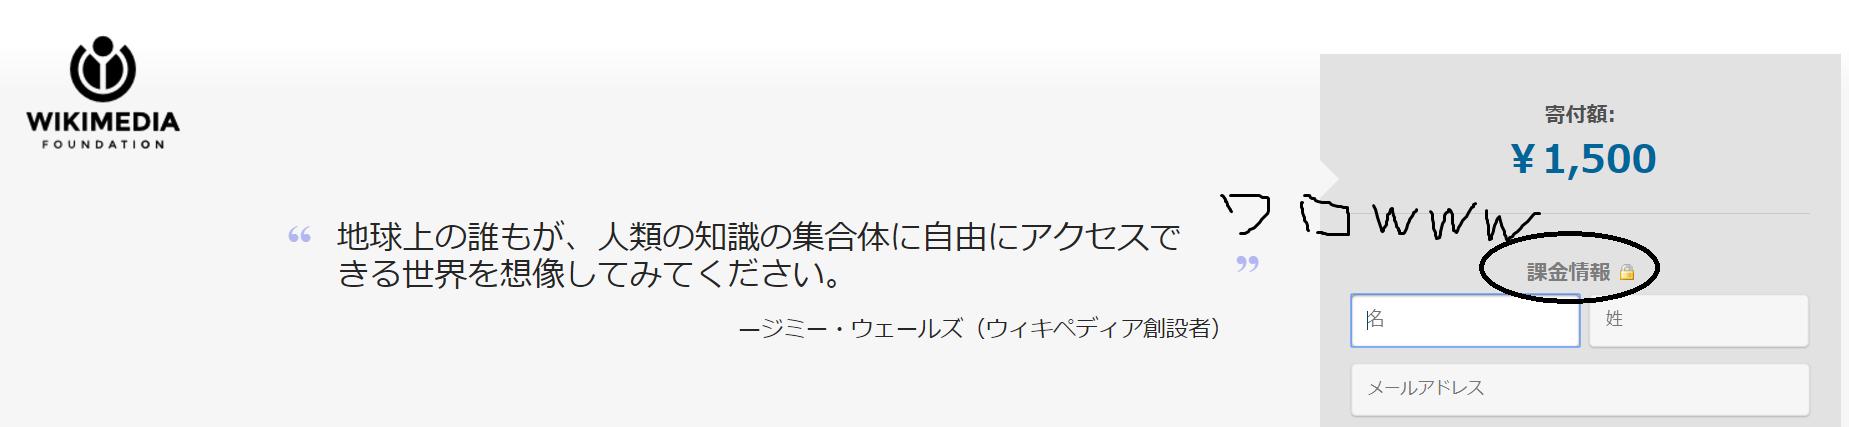 Wiki寄付②